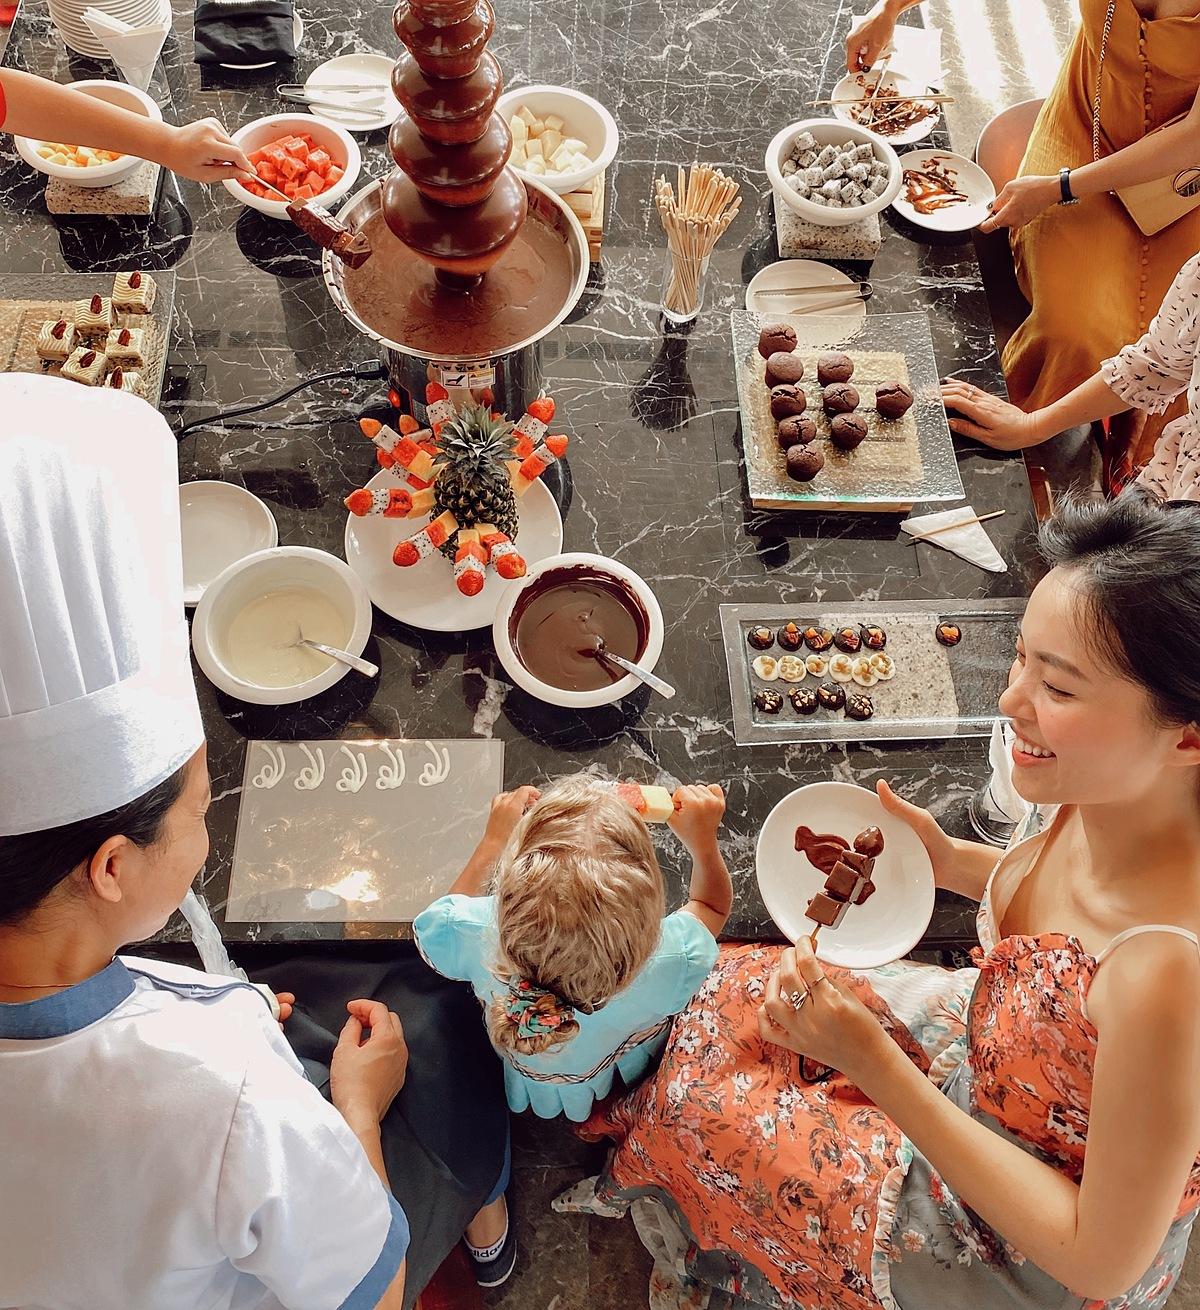 Ngoài ra, Mövenpick Resort Waverly Phú Quốc cũng tổ chức rất nhiều hoạt động nhỏ. Chocolate Hour diễn ra vào 4h hàng ngày, khách hàng có thể tự do tận hưởng miễn phí tất cả các loại chocolate do đầu bếp nổi tiếng tại Mövenpick Resort Waverly Phú Quốc chuẩn bị. Bên cạnh chương trình này, khu nghỉ dưỡng còn tặng du khách một viên chocolate vào mỗi buổi chiều và đặt trên gối với thông điệp chúc khách hàng có một buổi tối ngọt ngào.